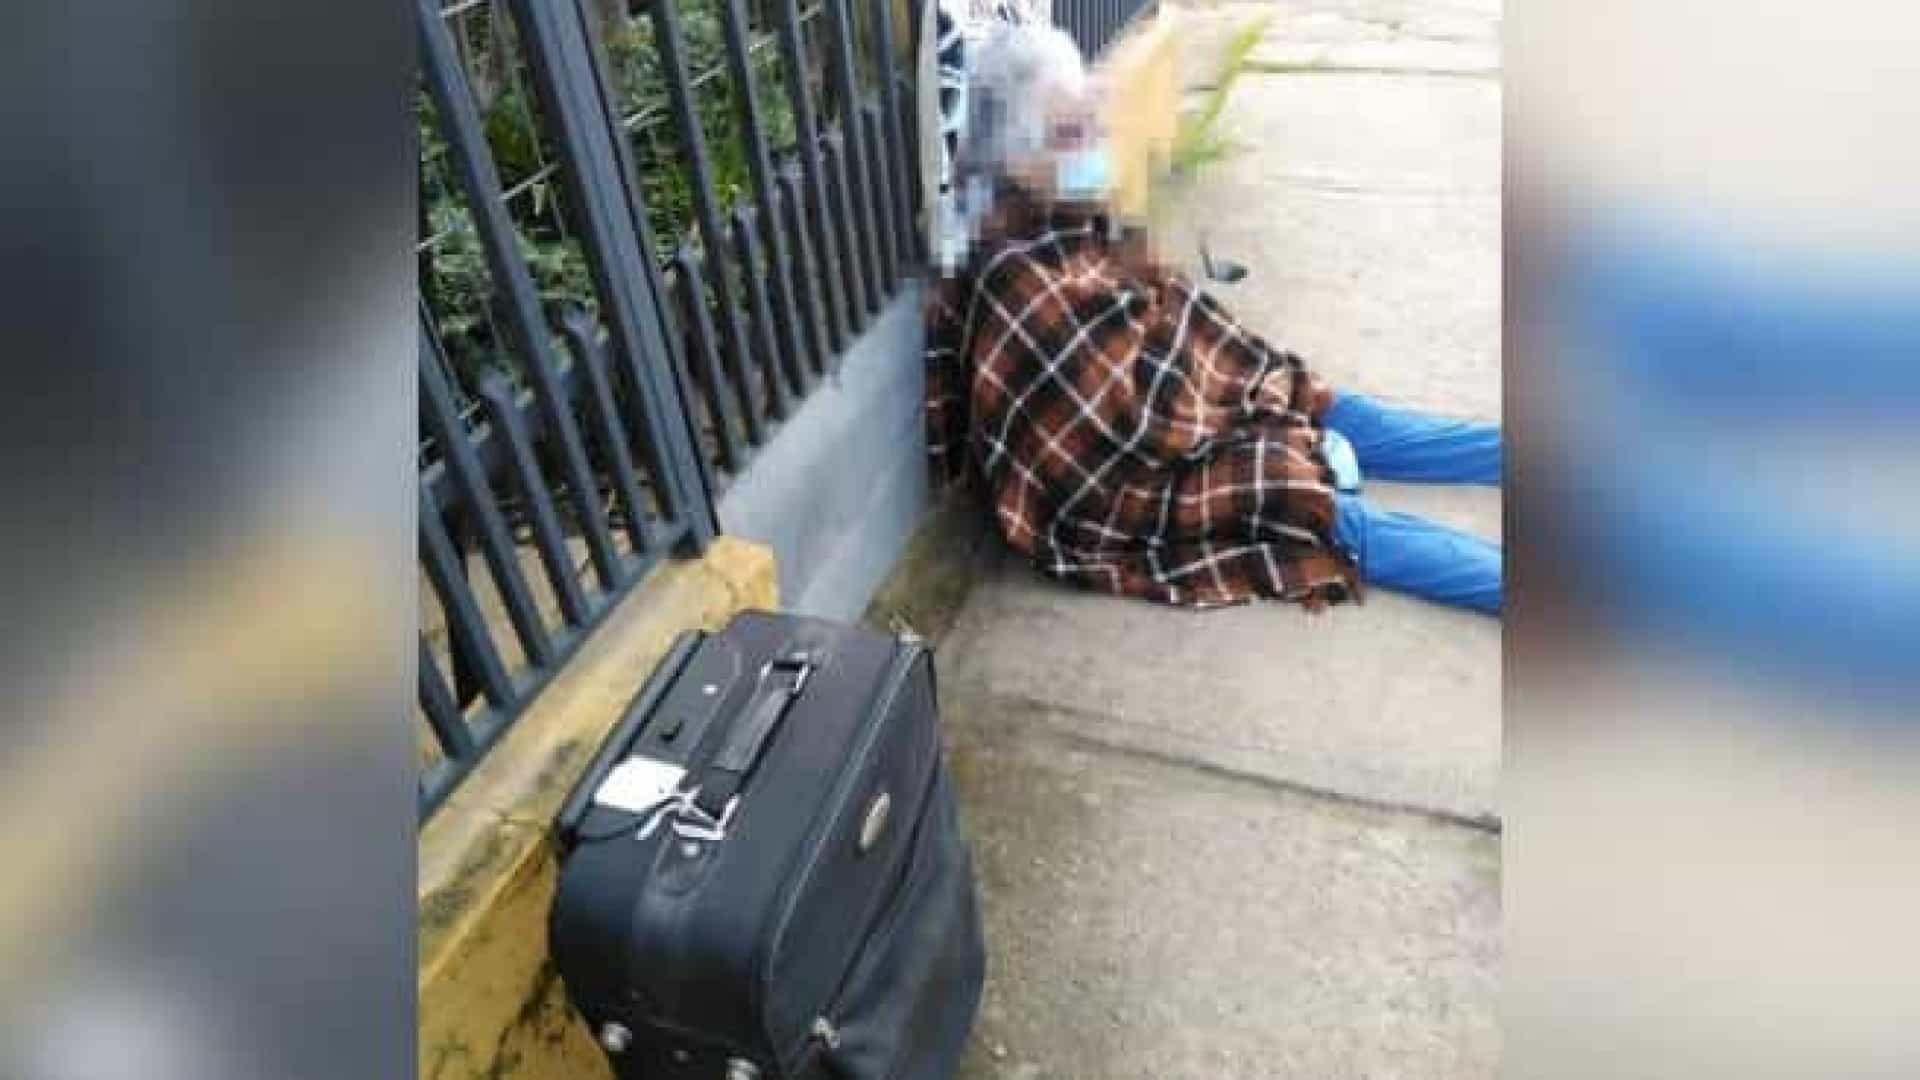 naom 5f5f555587316 - Em plena pandemia, filha vende casa da mãe de 88 anos e a deixa na rua